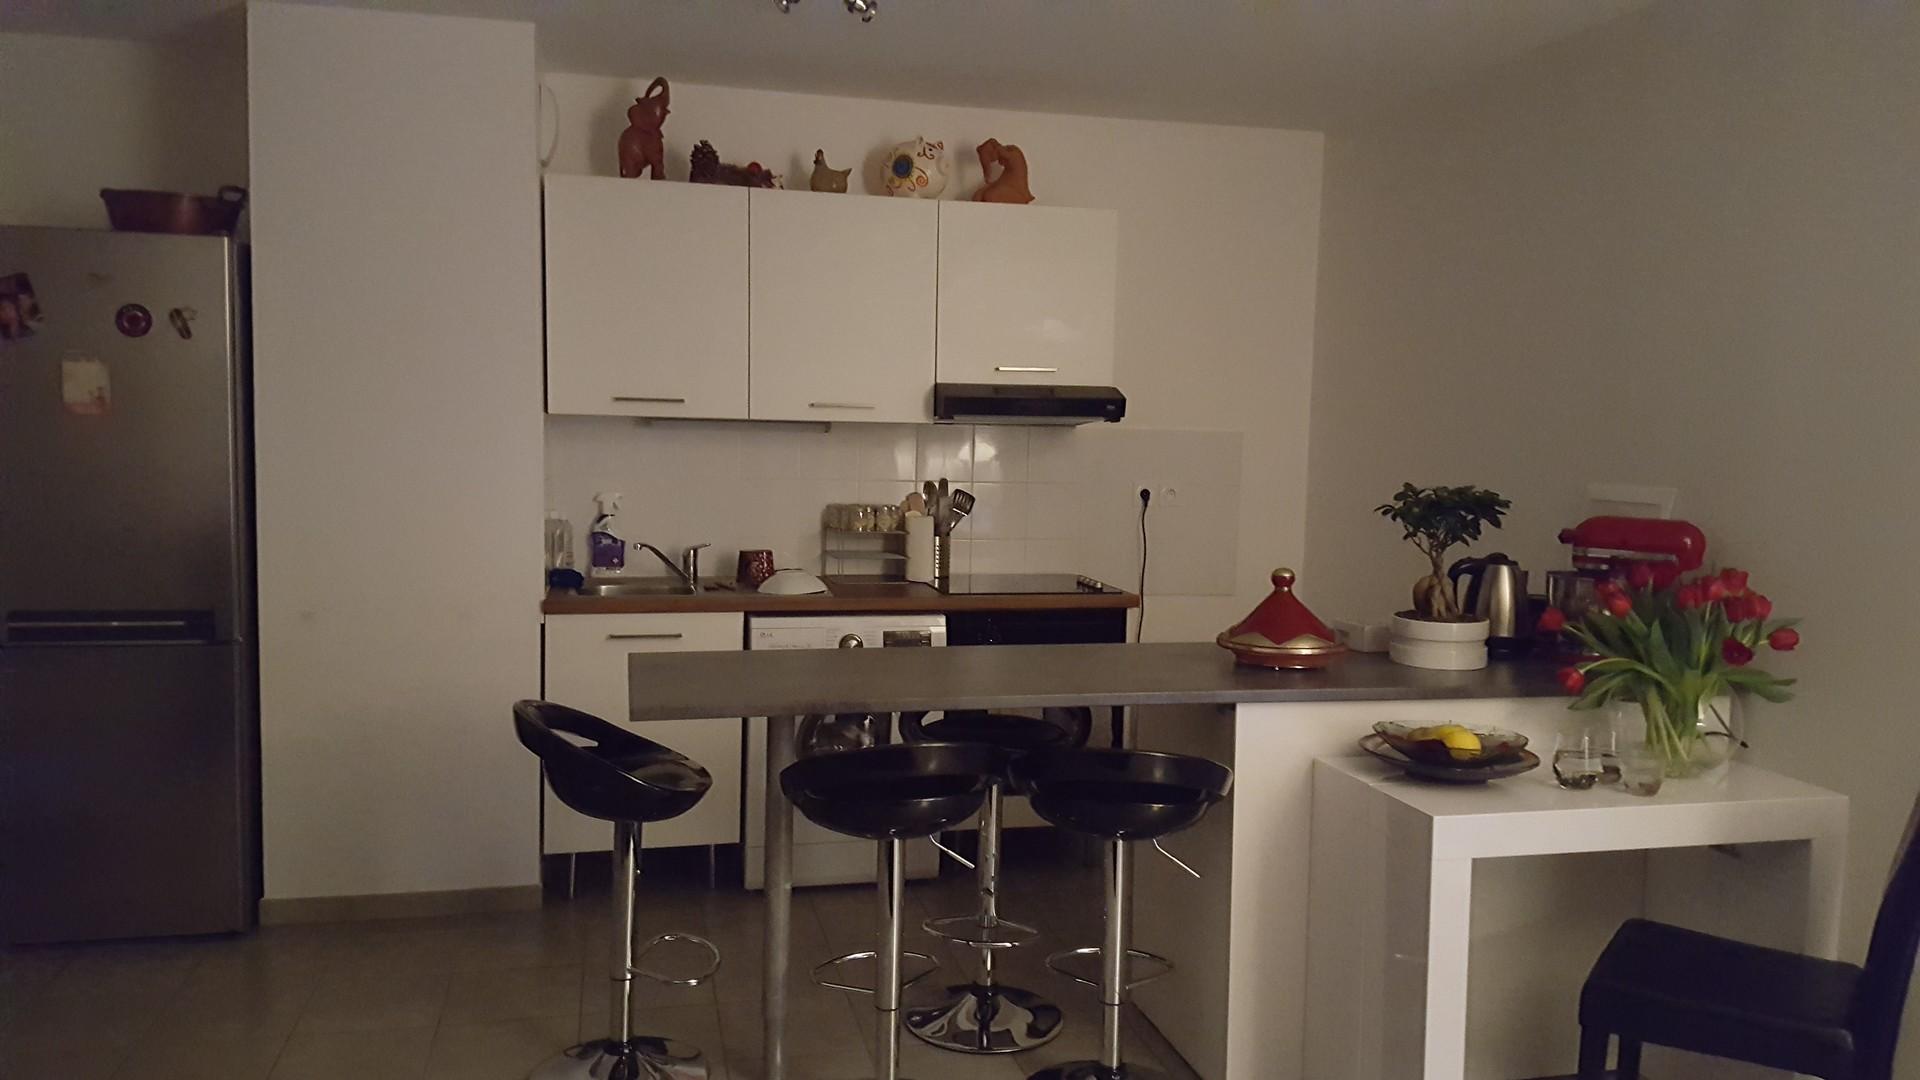 Chambre dans appartement neuf lyon 8 location chambres lyon - Chambre meublee lyon ...